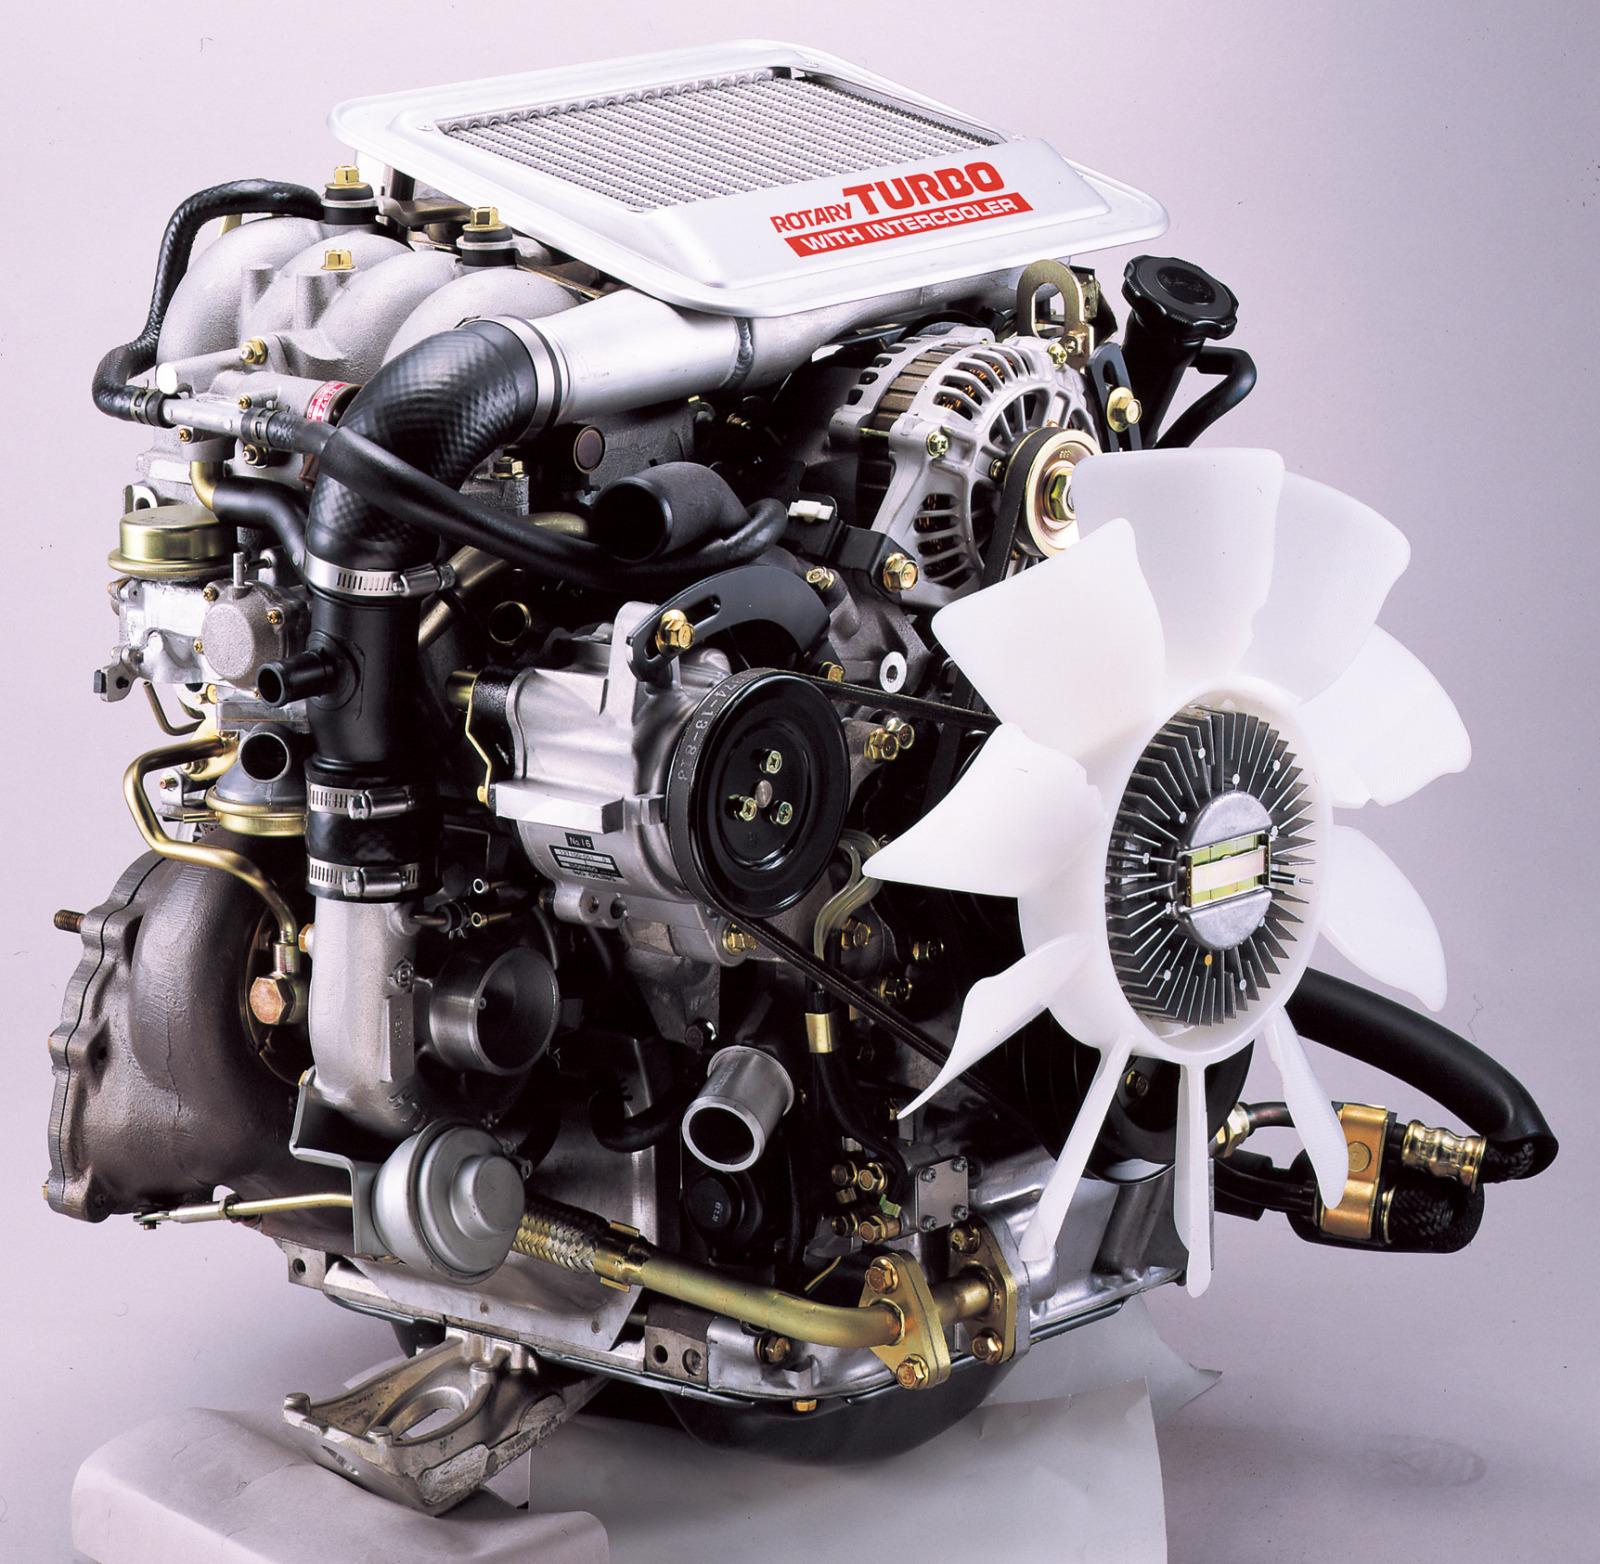 インタークーラー付ターボの13B型エンジン。